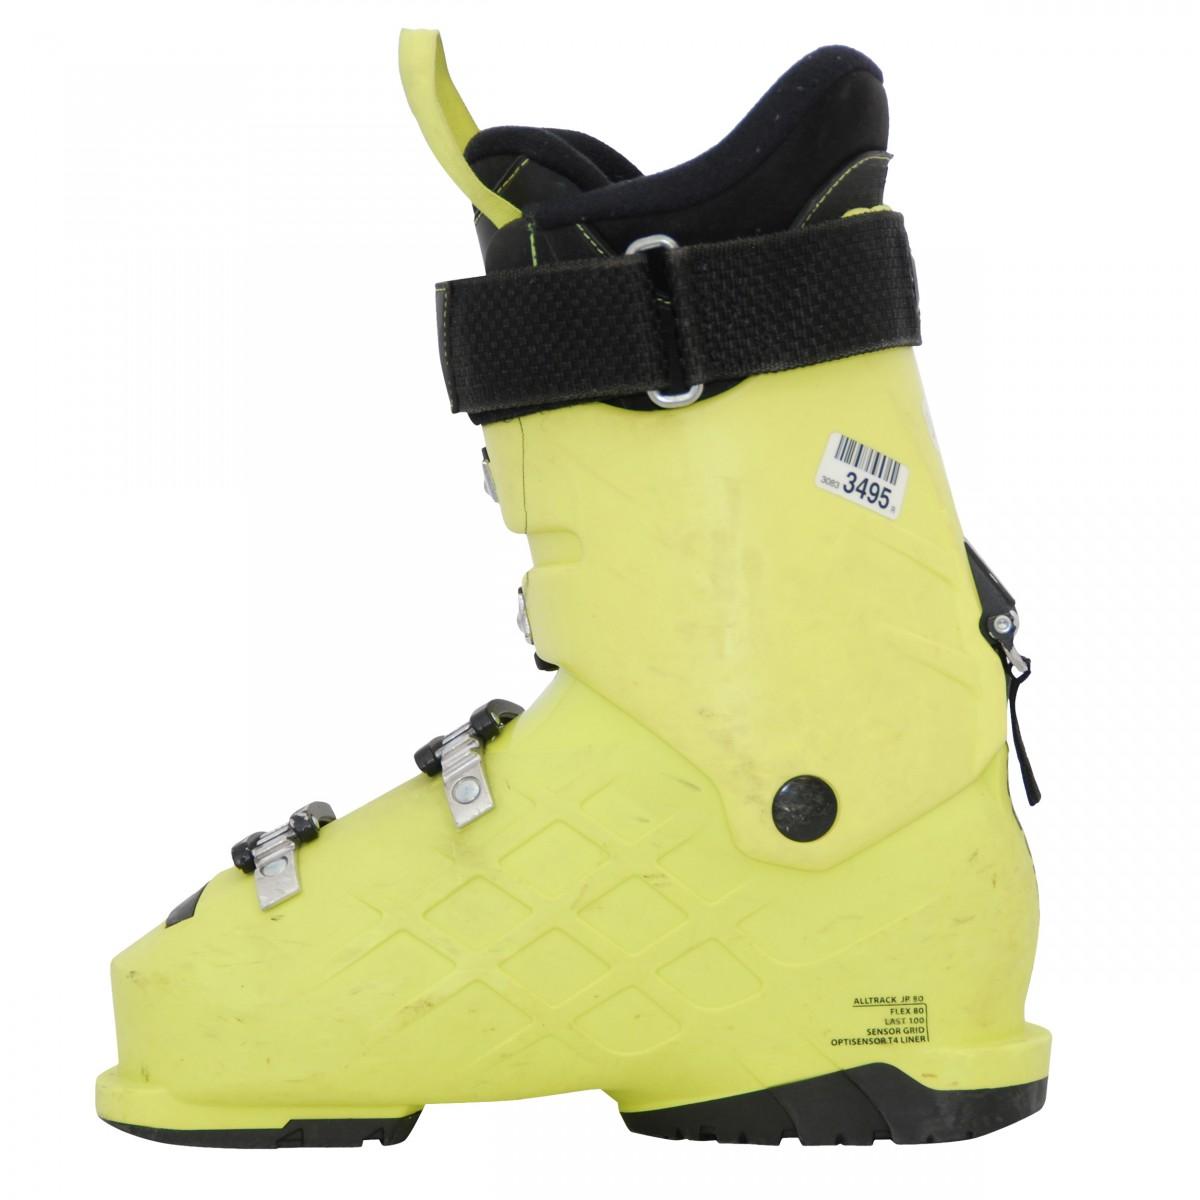 Chaussure-de-ski-occasion-junior-Rossignol-All-track-jaune miniature 4